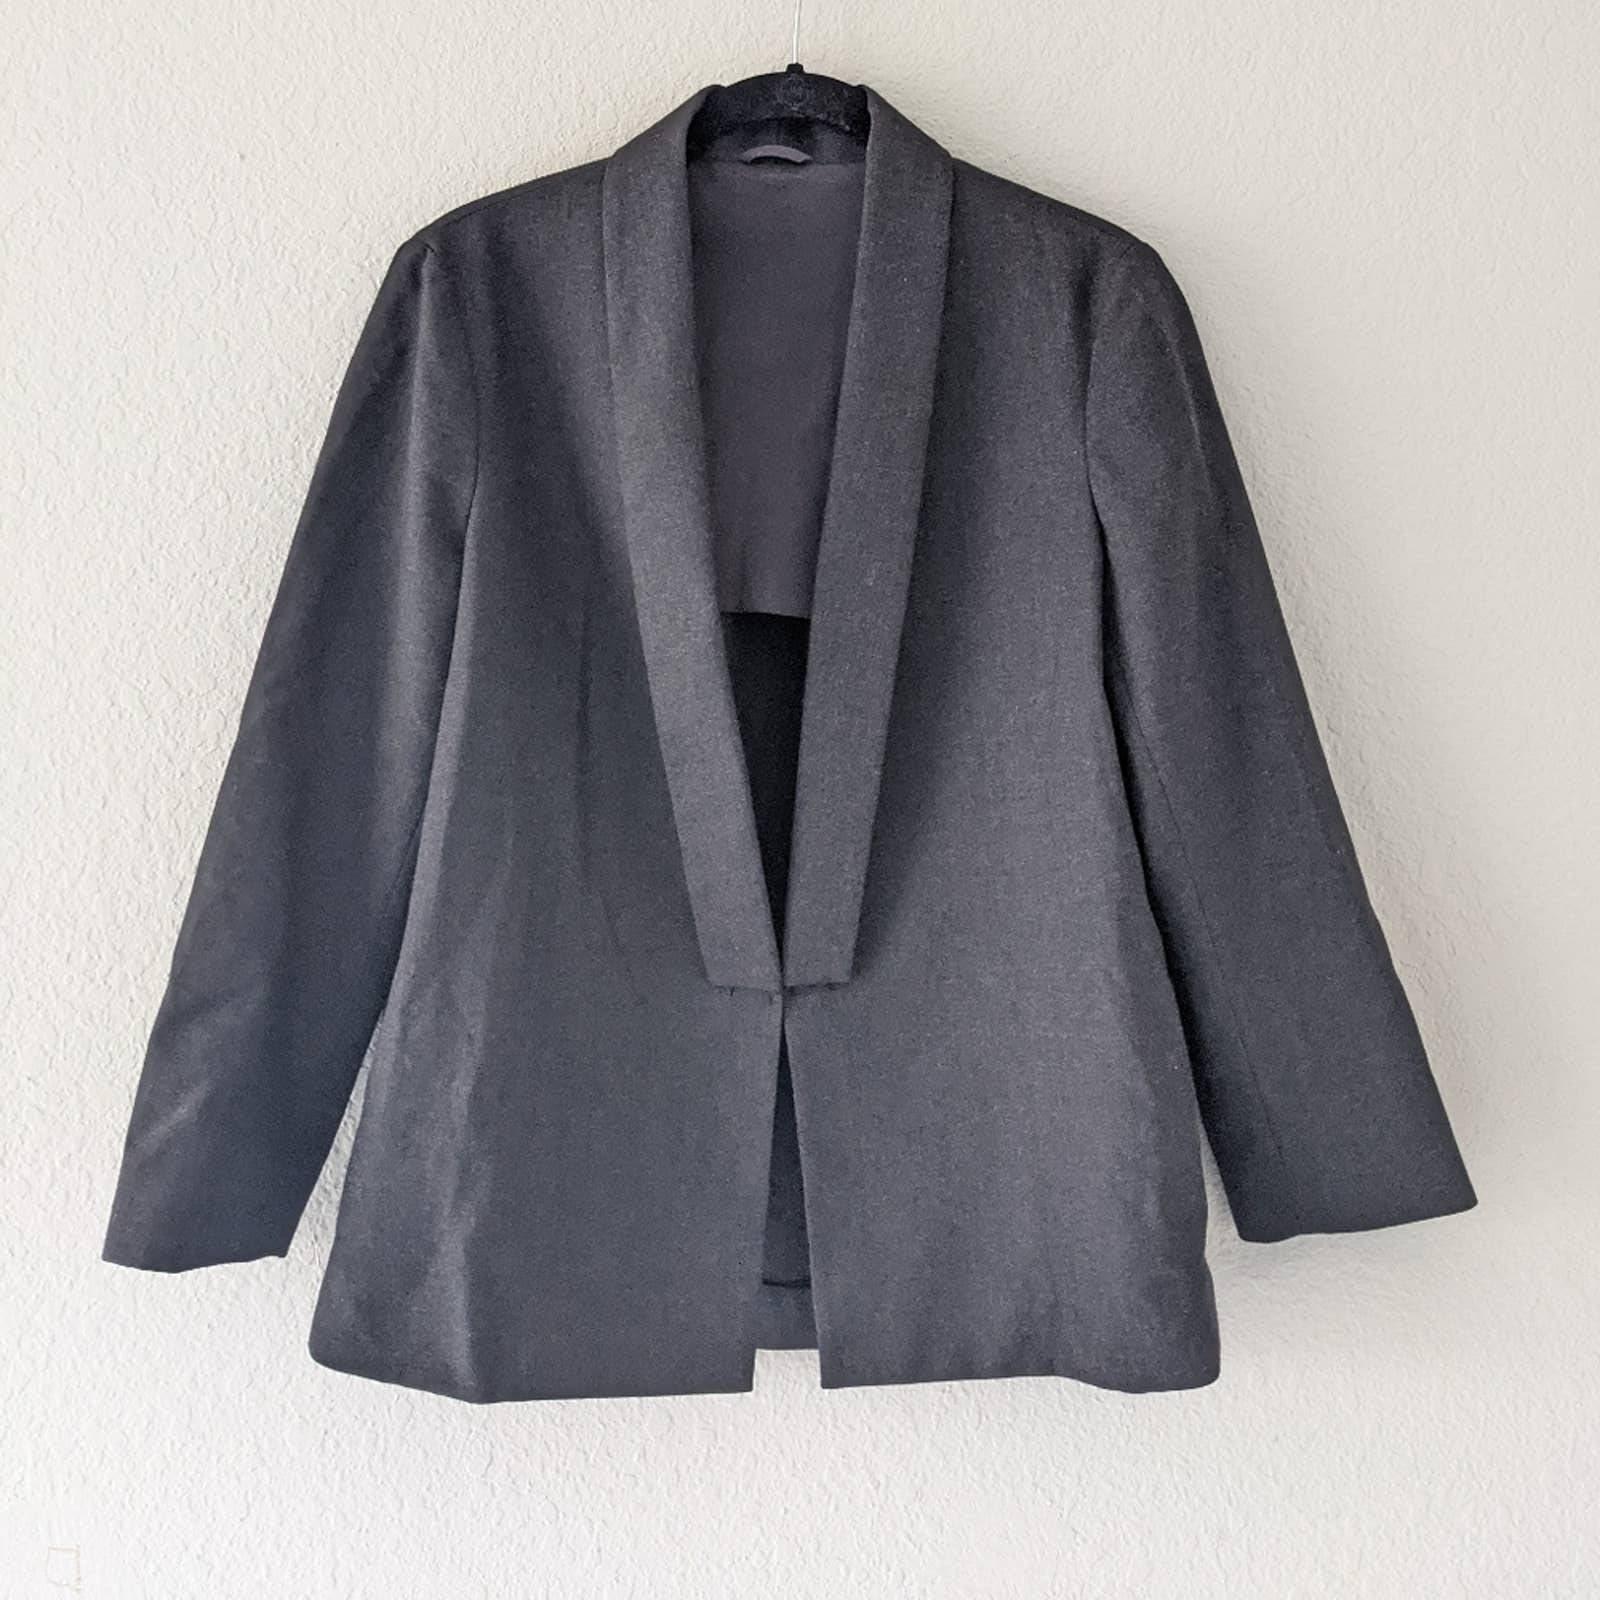 Brunello Cucinelli Virgin Wool blazer 40